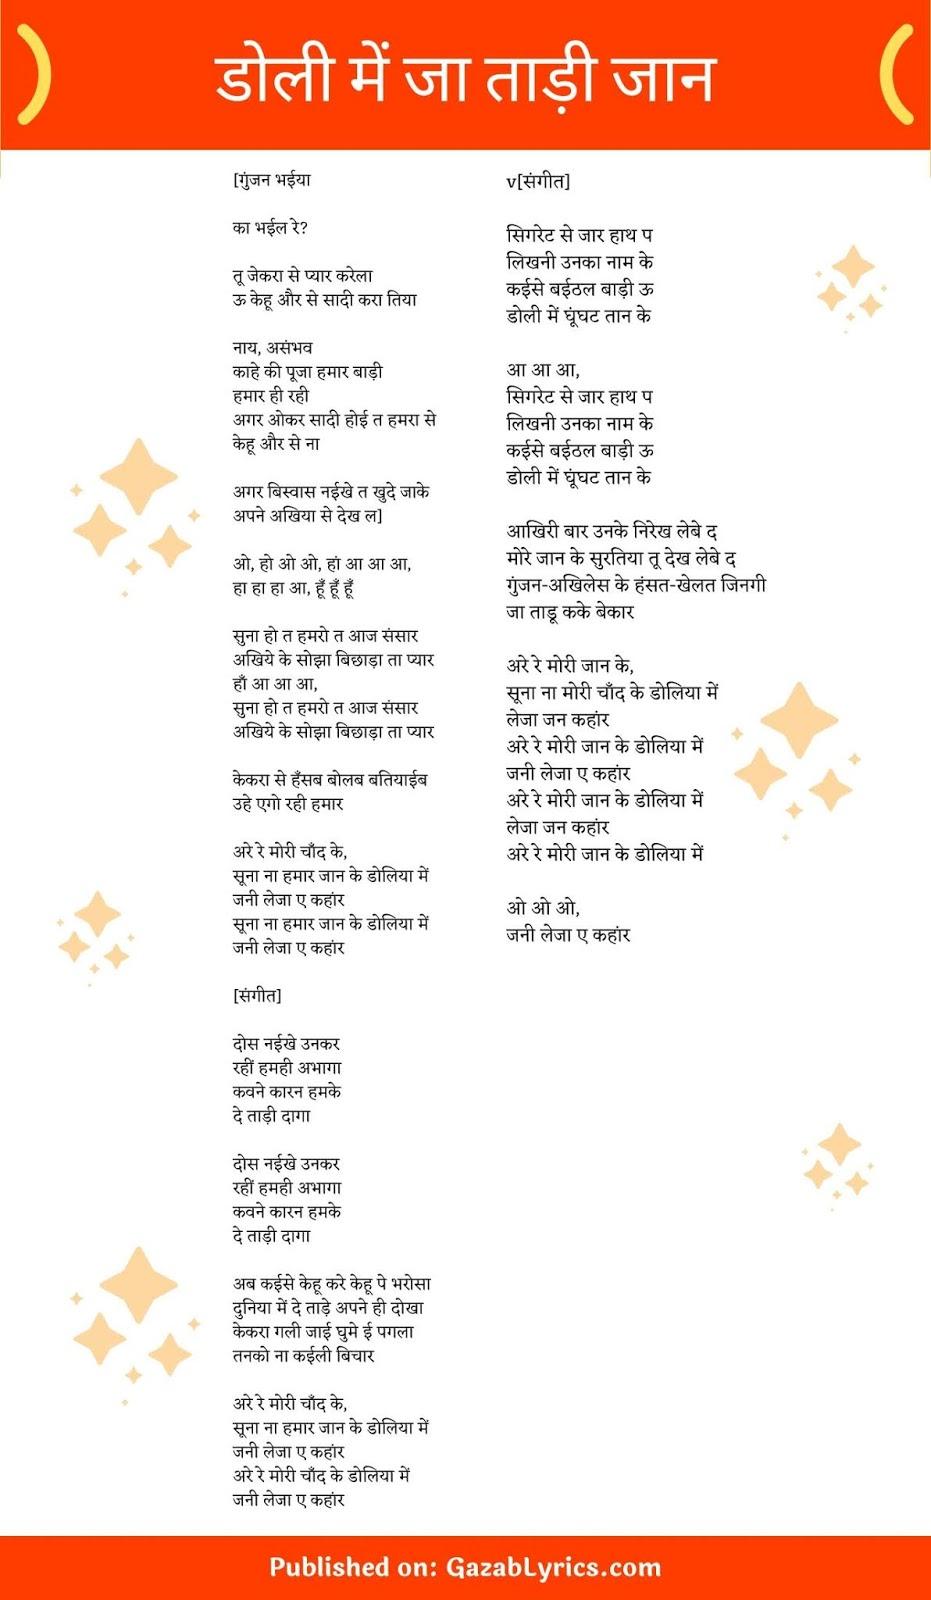 Doli Me Ja Tari Jaan song lyrics image